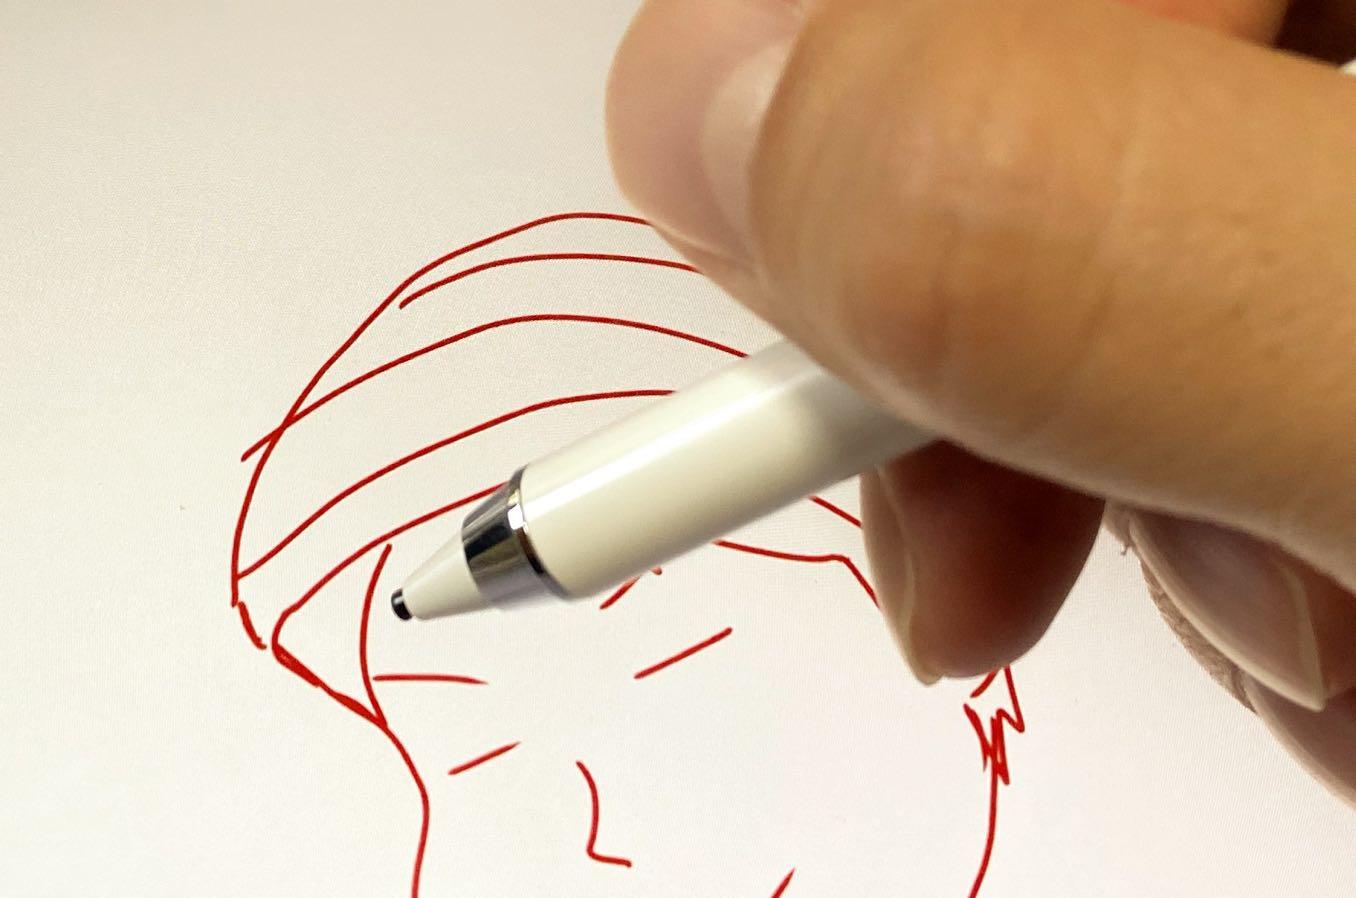 電気によってペン先を細く開発することができるように